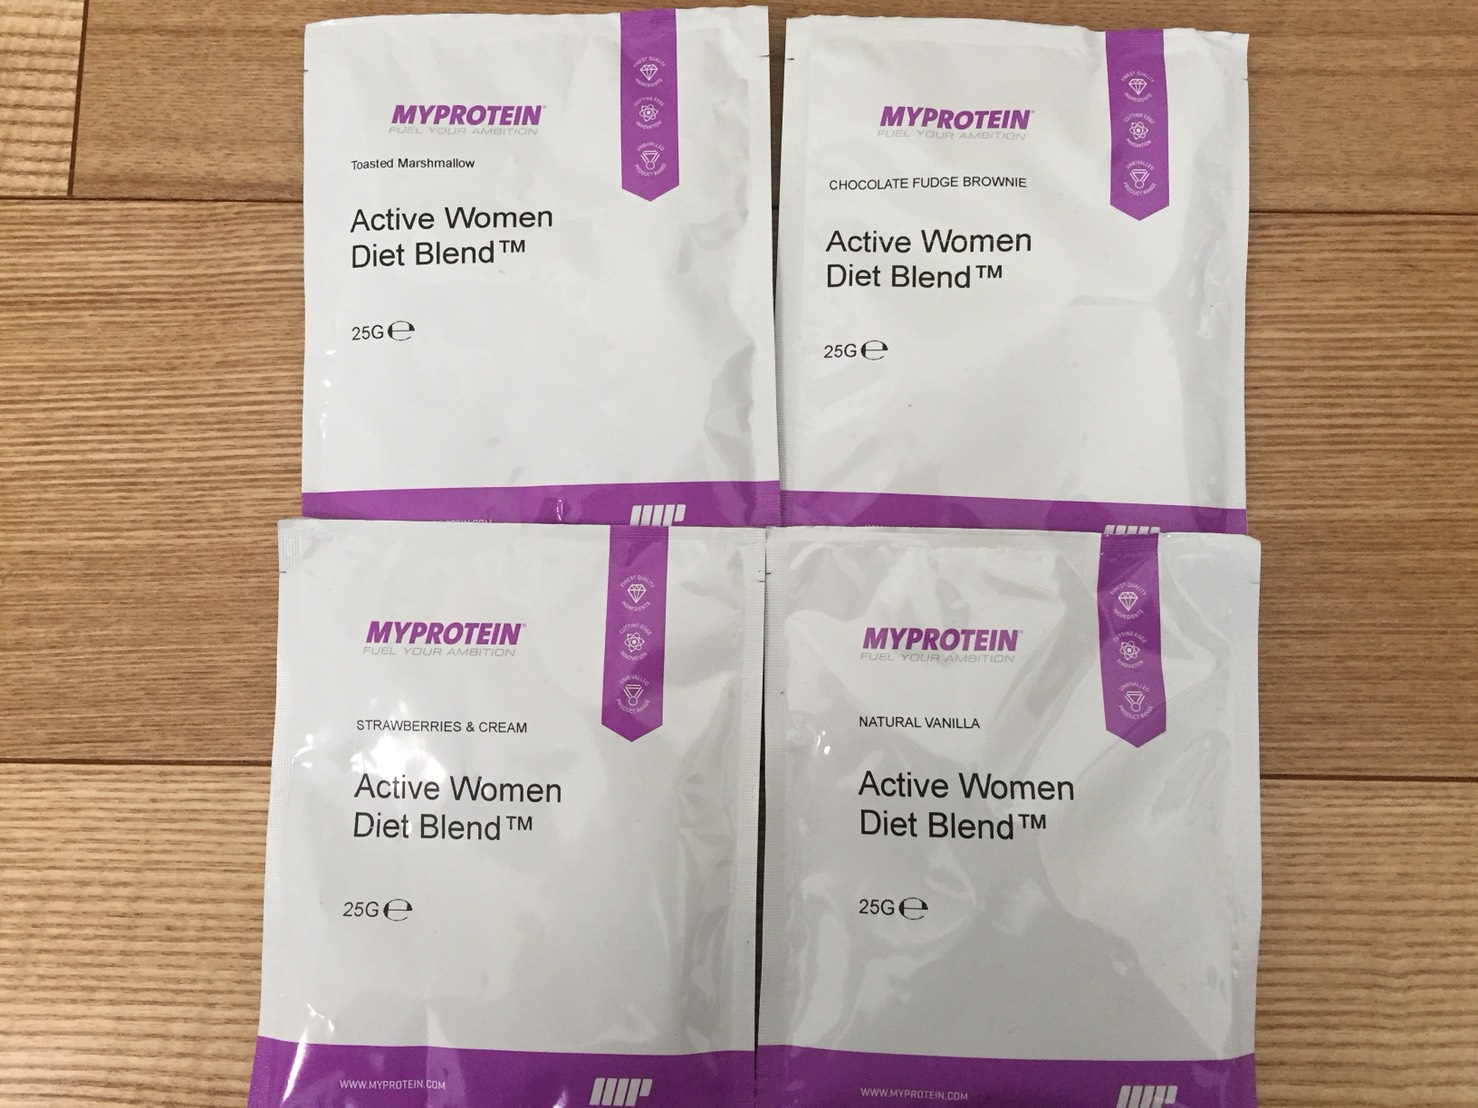 マイプロテインの「Active Women Diet Blend(アクティブウーマンダイエットブレンド)」の成分表まとめ。